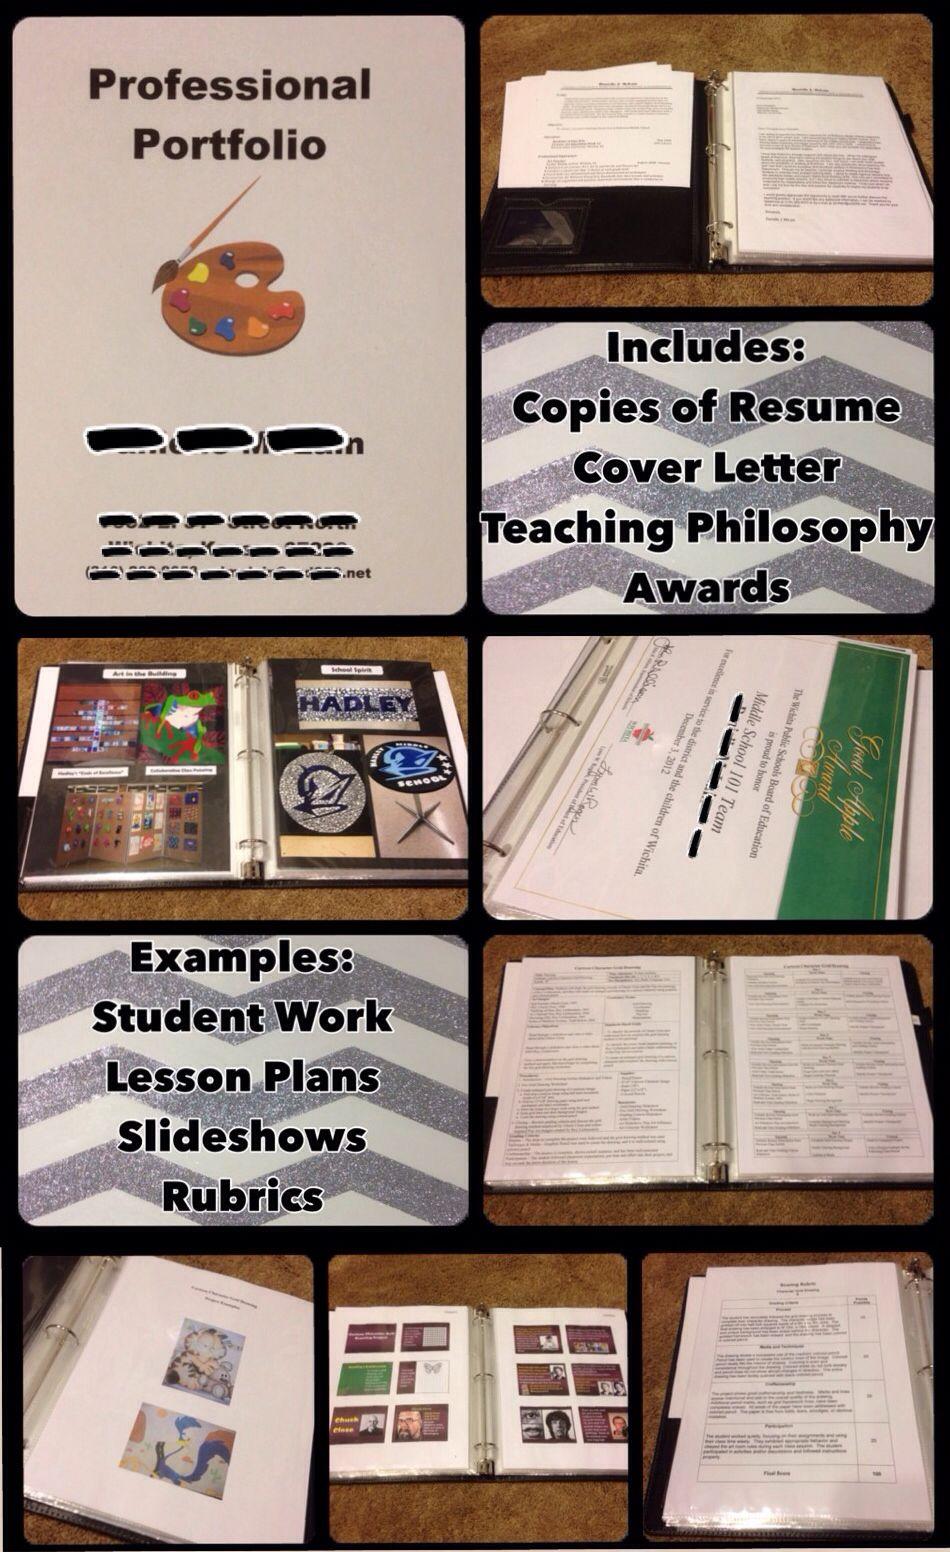 Art Teacher Interview Portfolio - Resume